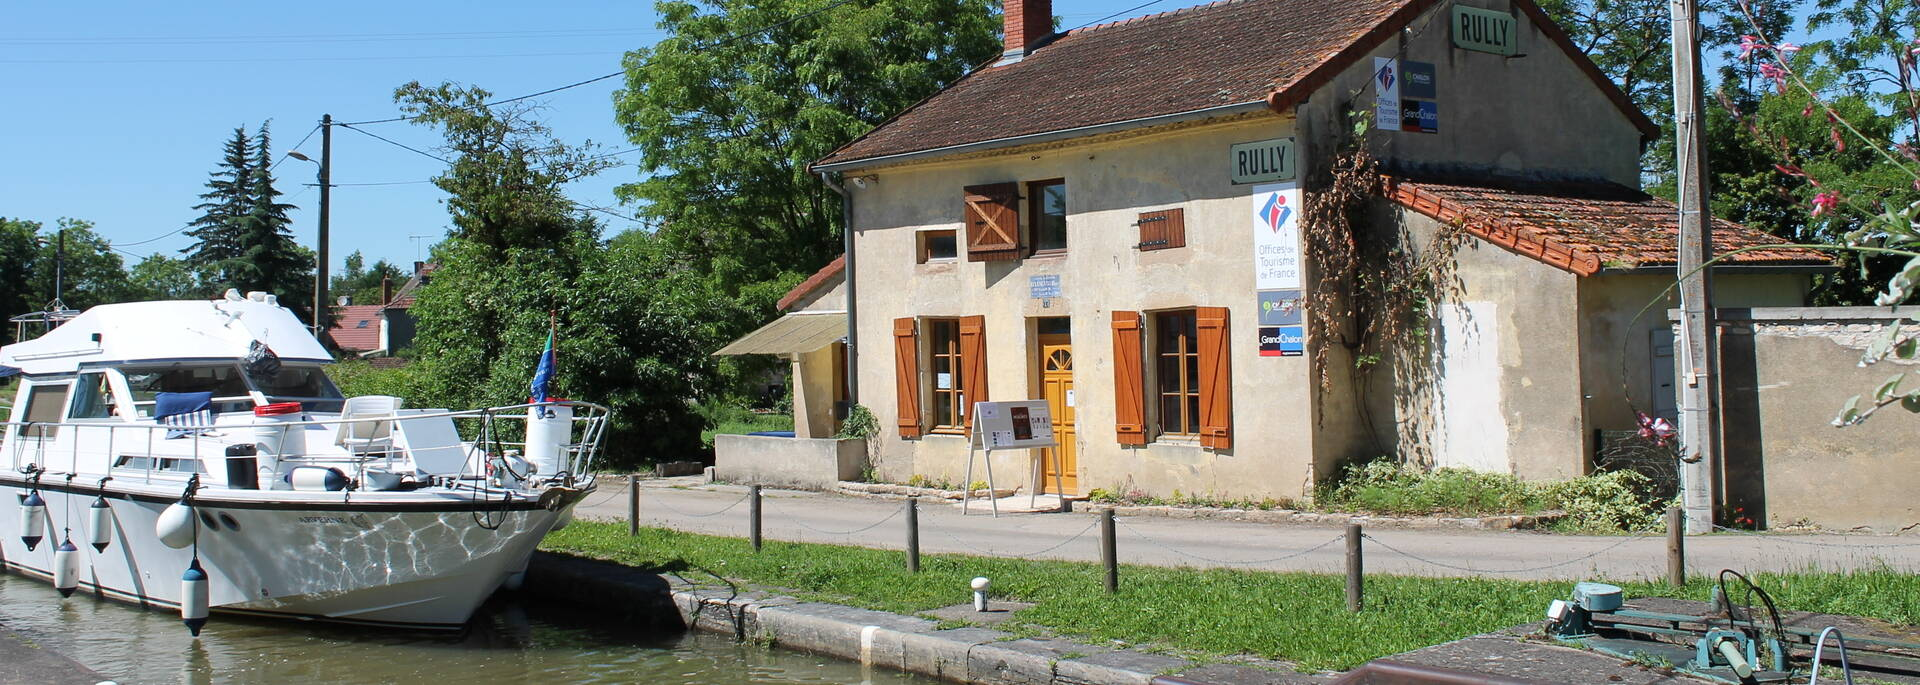 Navigation sur le Canal du Centre à Rully, Bureau d'information touristique